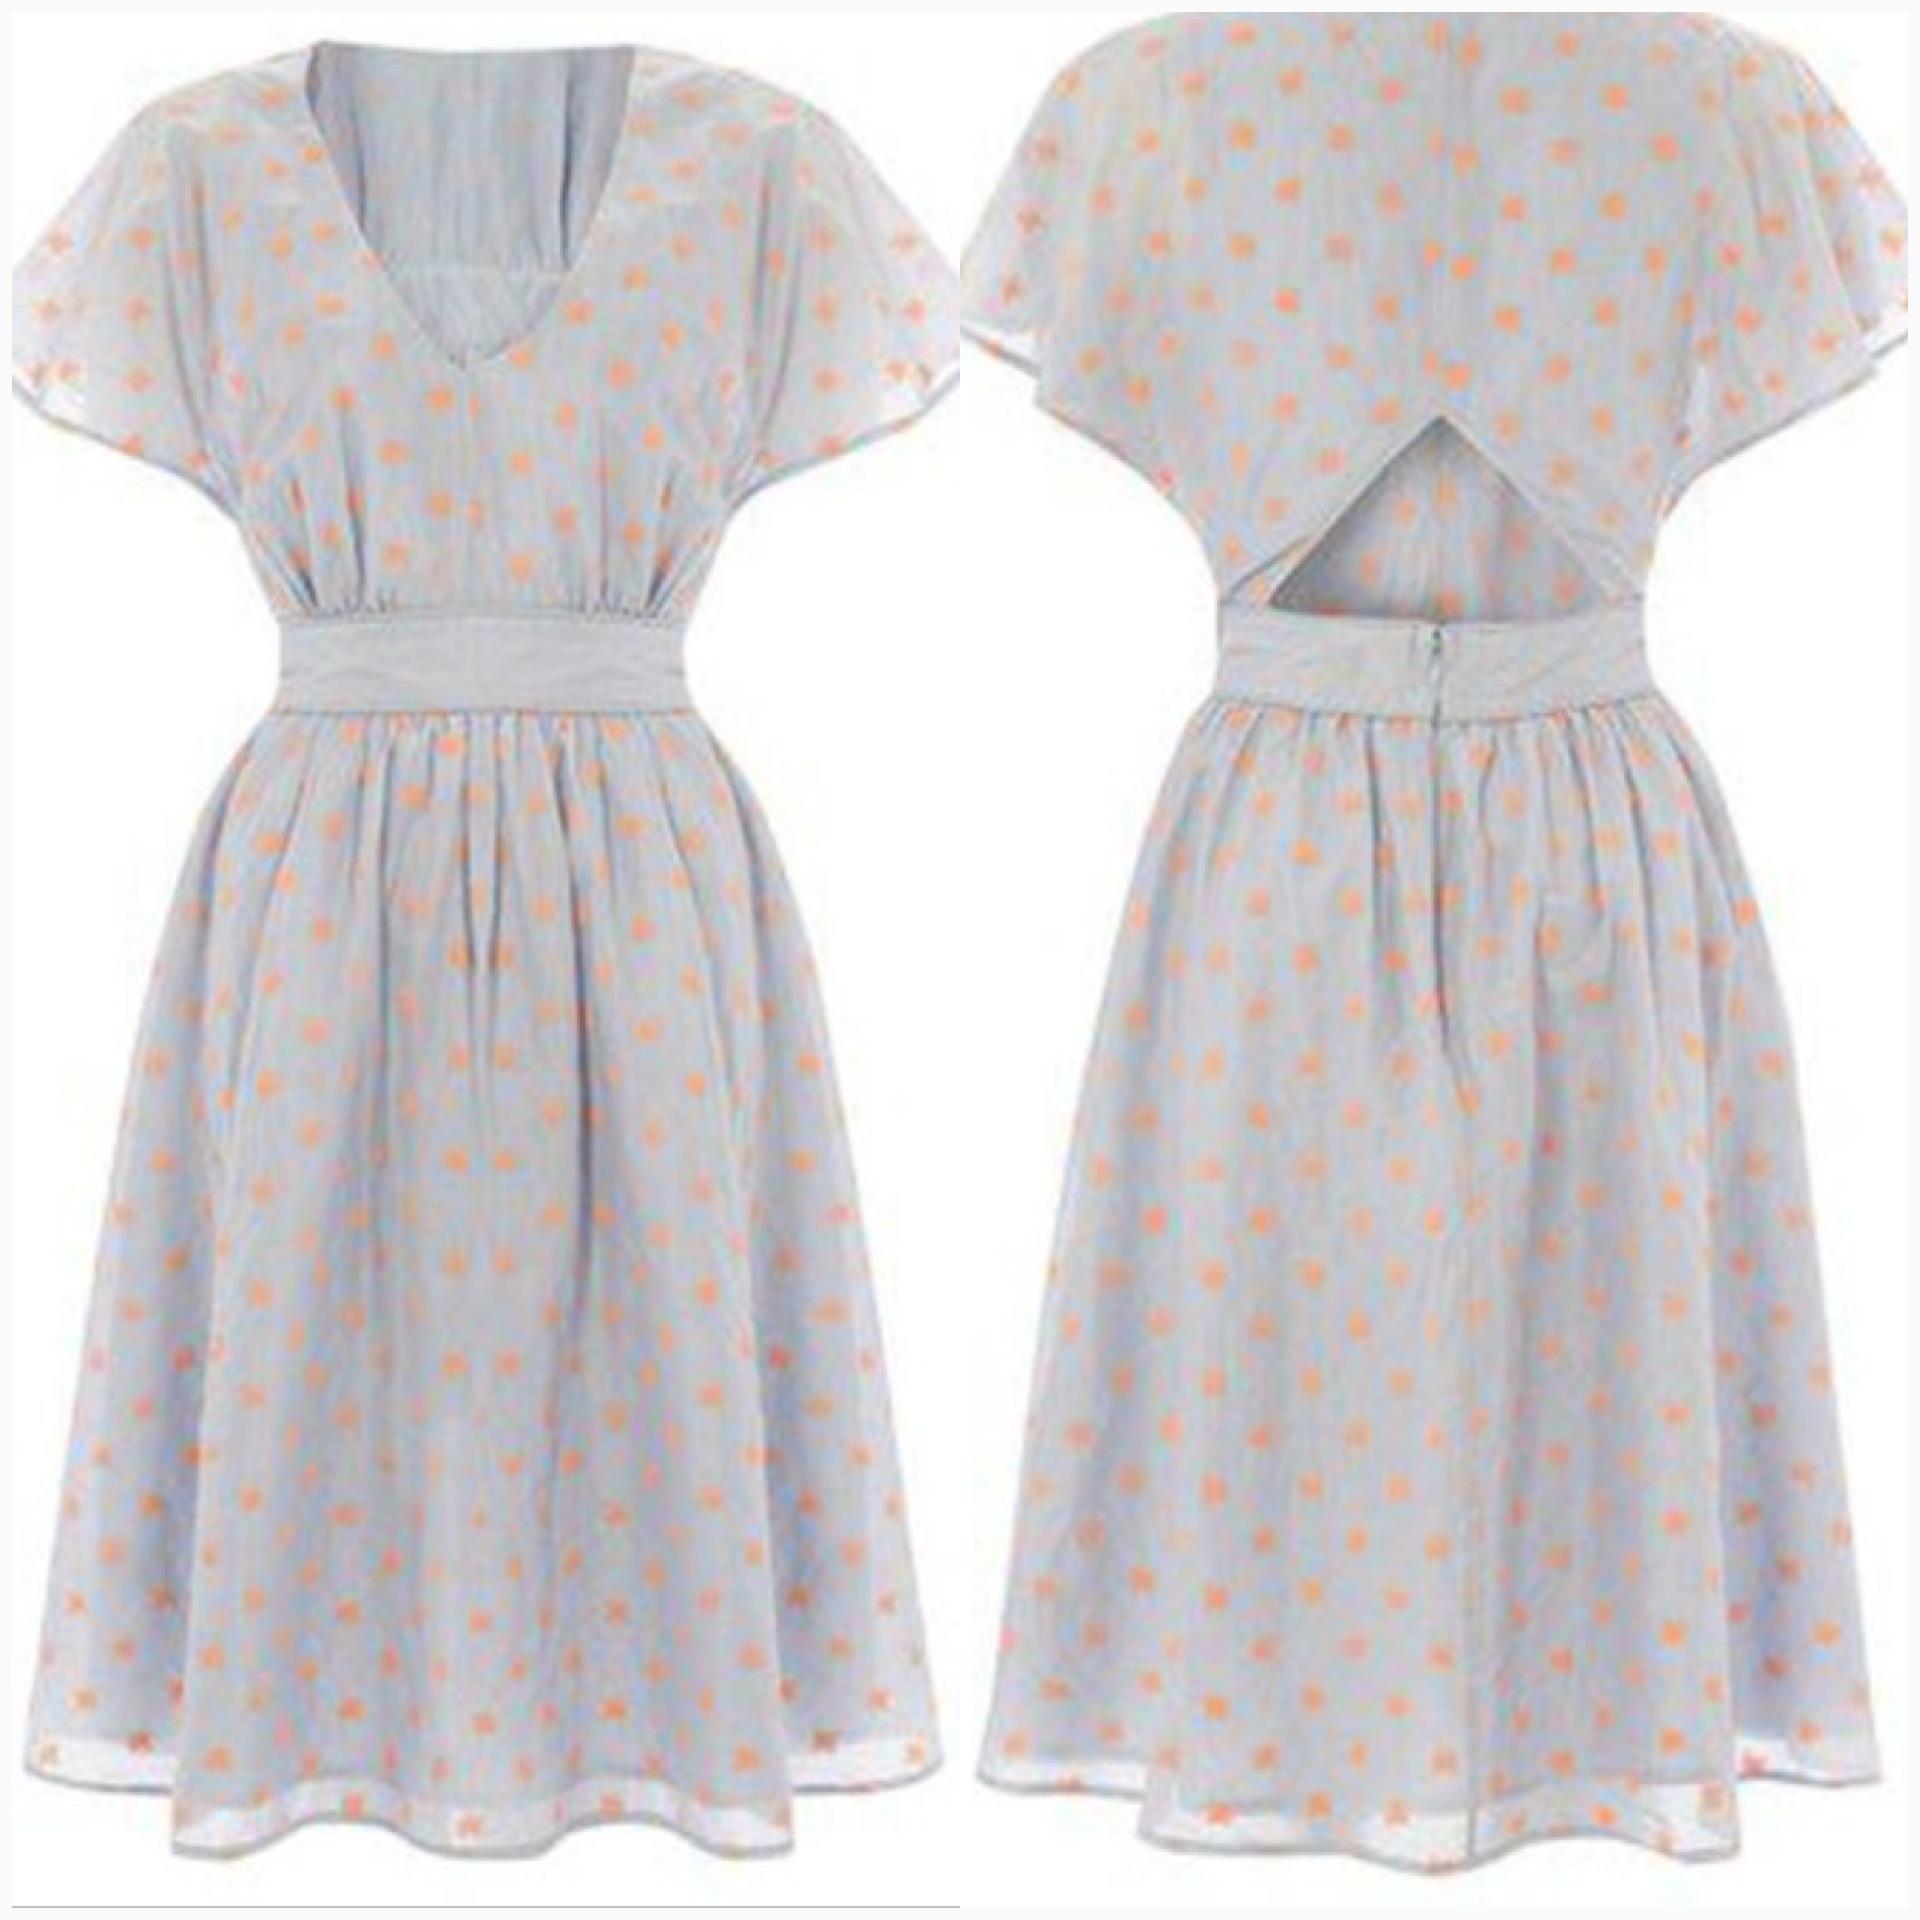 French Connection light blue Dress Size Uk10-Uk12